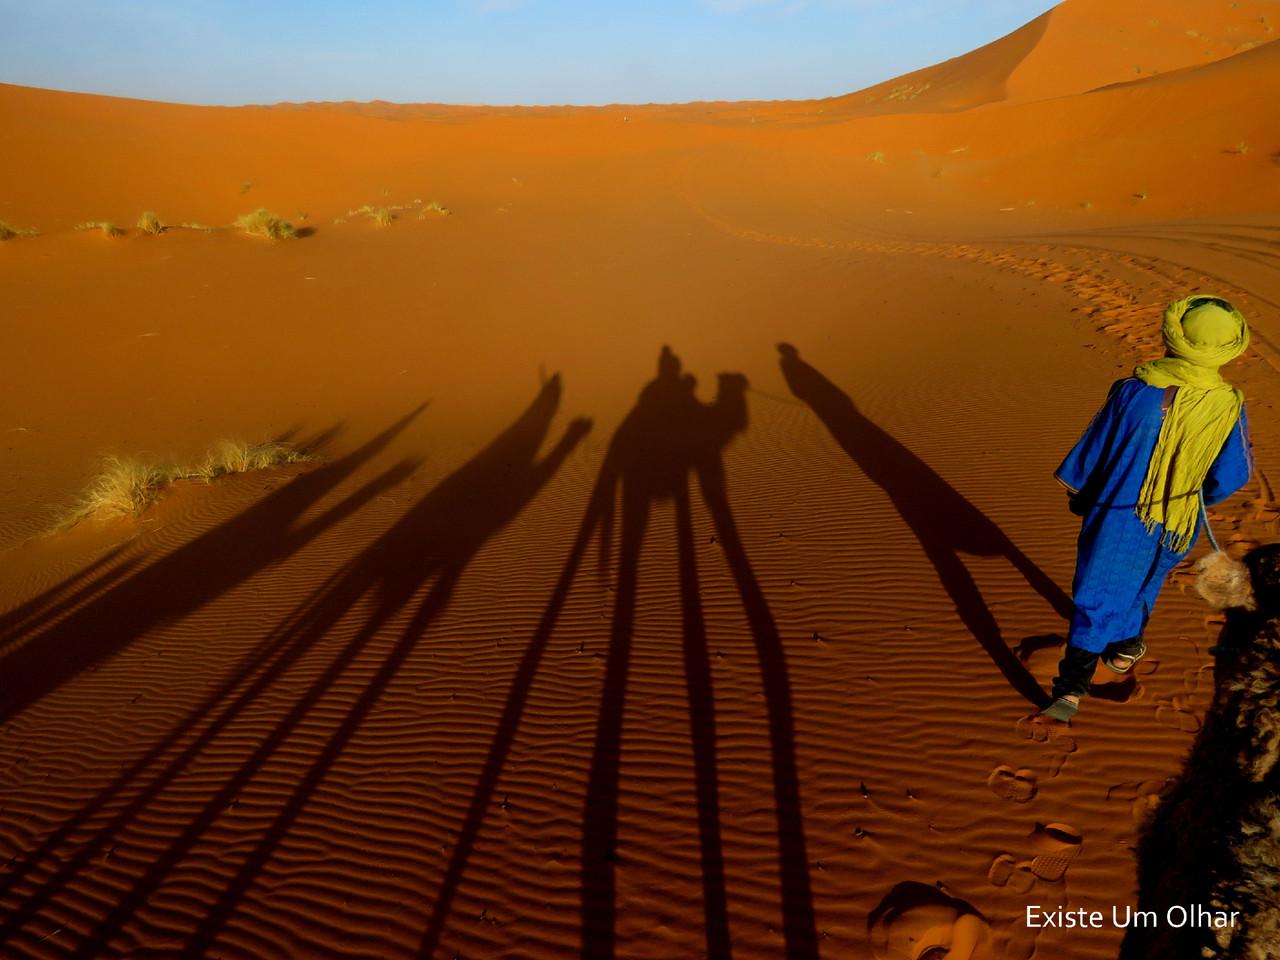 Verão lembra o deserto